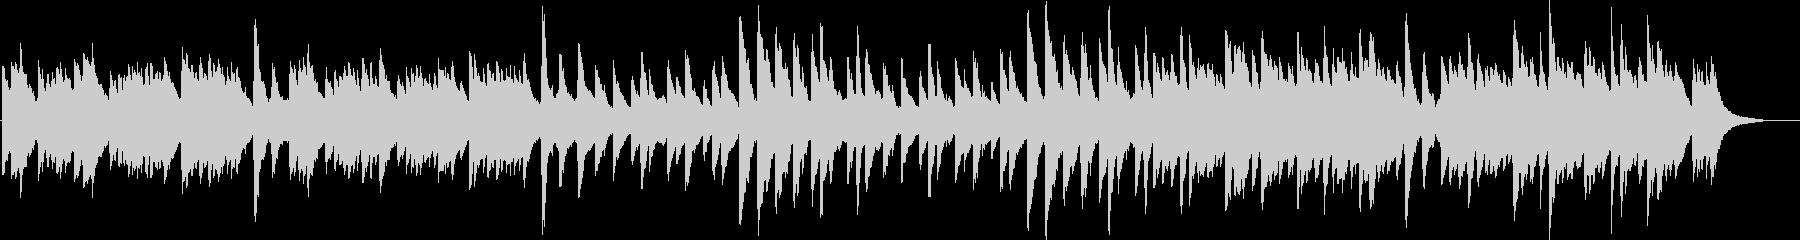 ハープとオルゴールの寂しげな曲の未再生の波形